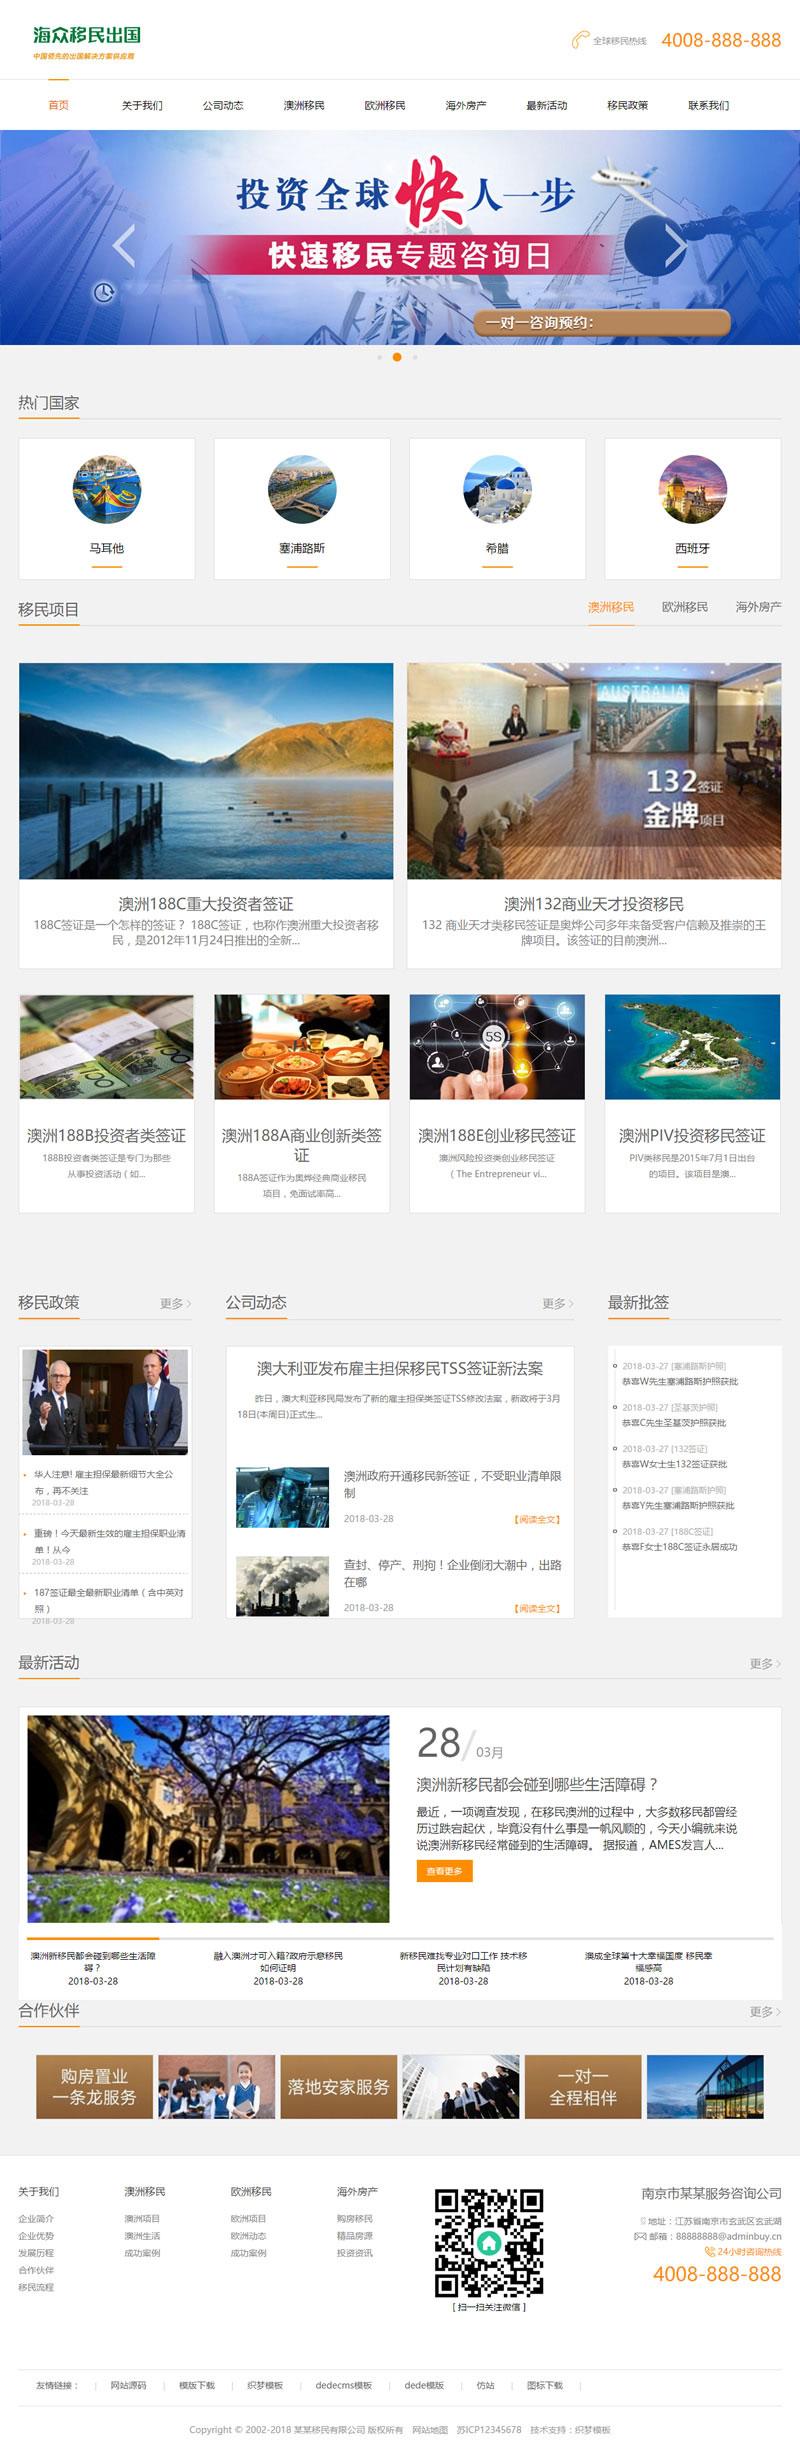 织梦dedecms移民留学签证办理出国商务服务企业网站模板(带手机移动端)